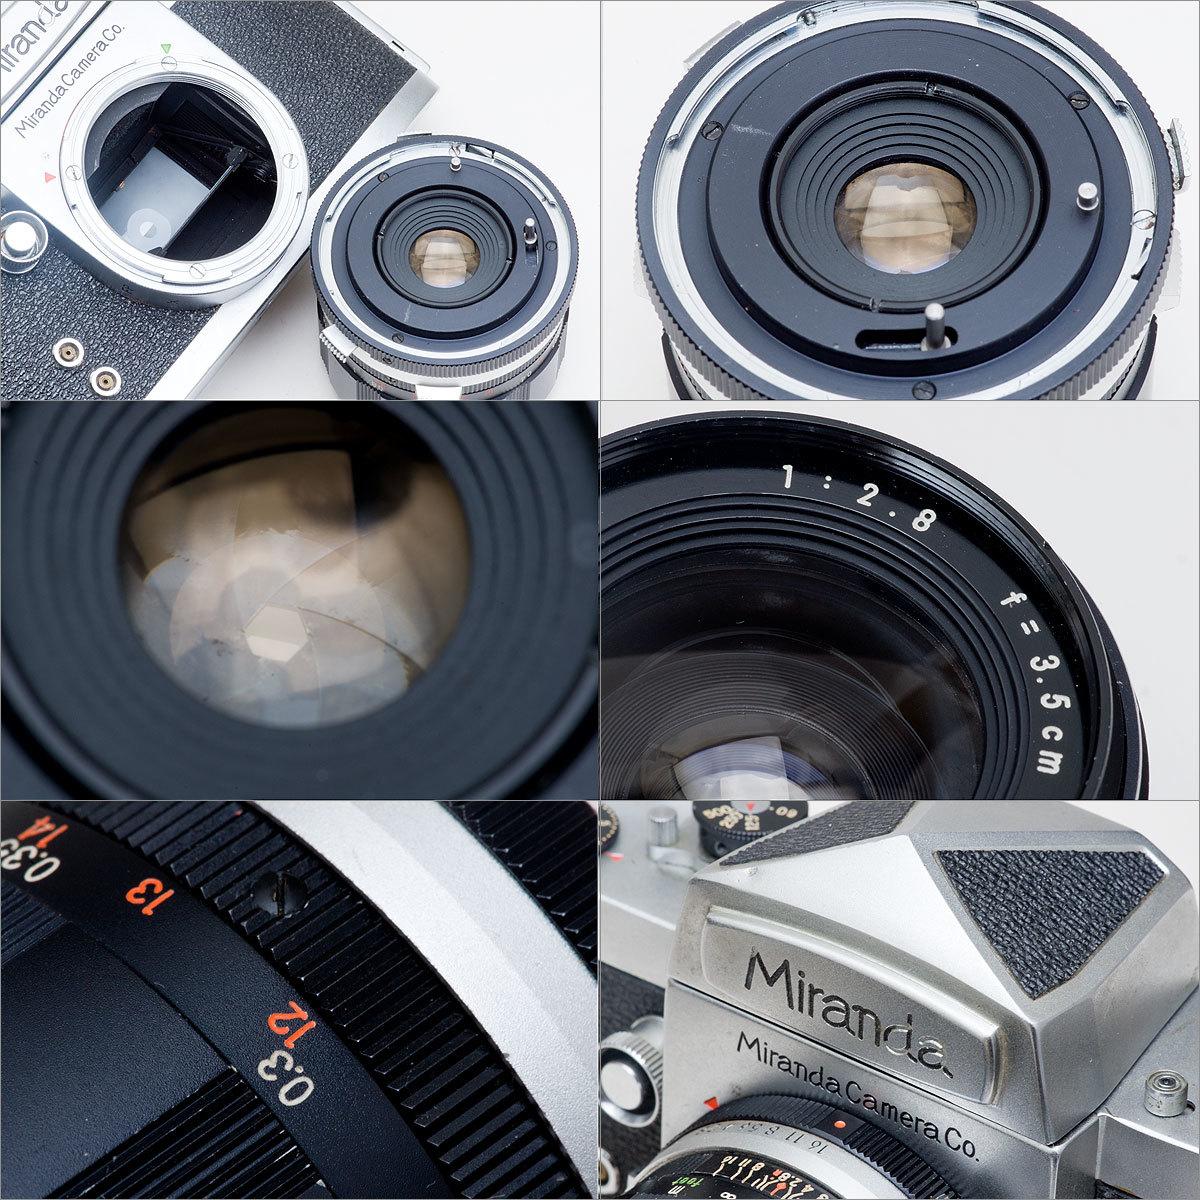 Miranda D Auto Miranda 1:2.8 f=3.5cm SOLIGOR TELEPHOTO 1:4.5 f=200mm _画像6